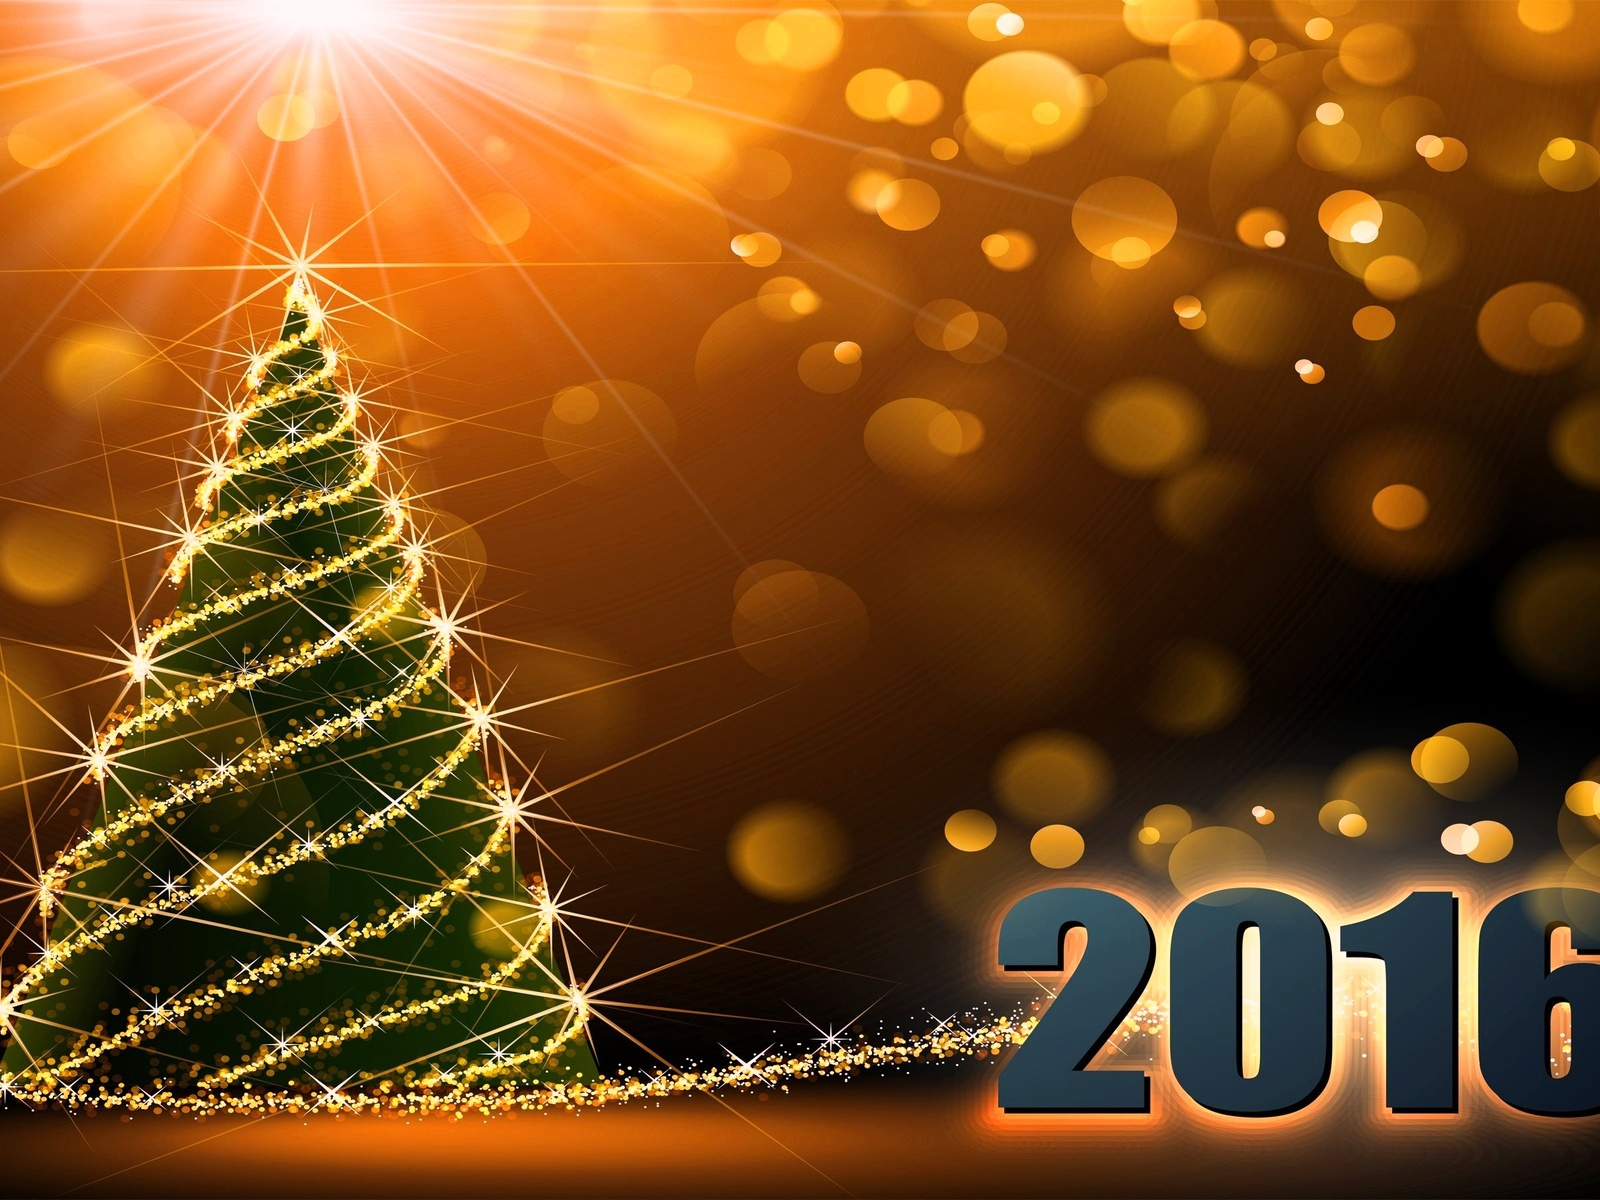 Поздравление с новым годом для ютуба